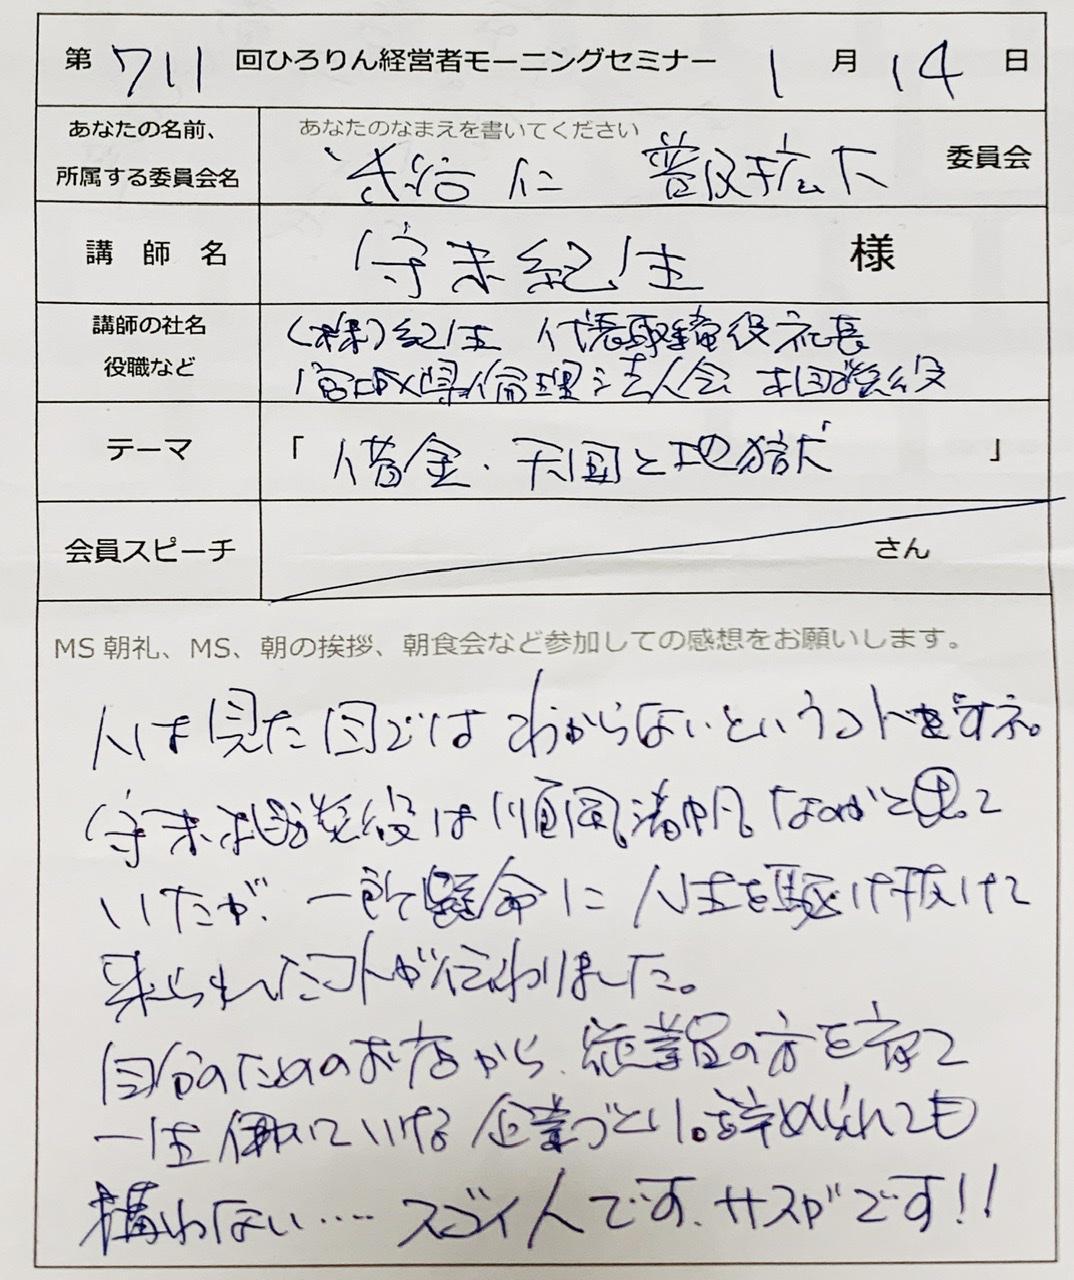 1月14日 第712回MSレポート